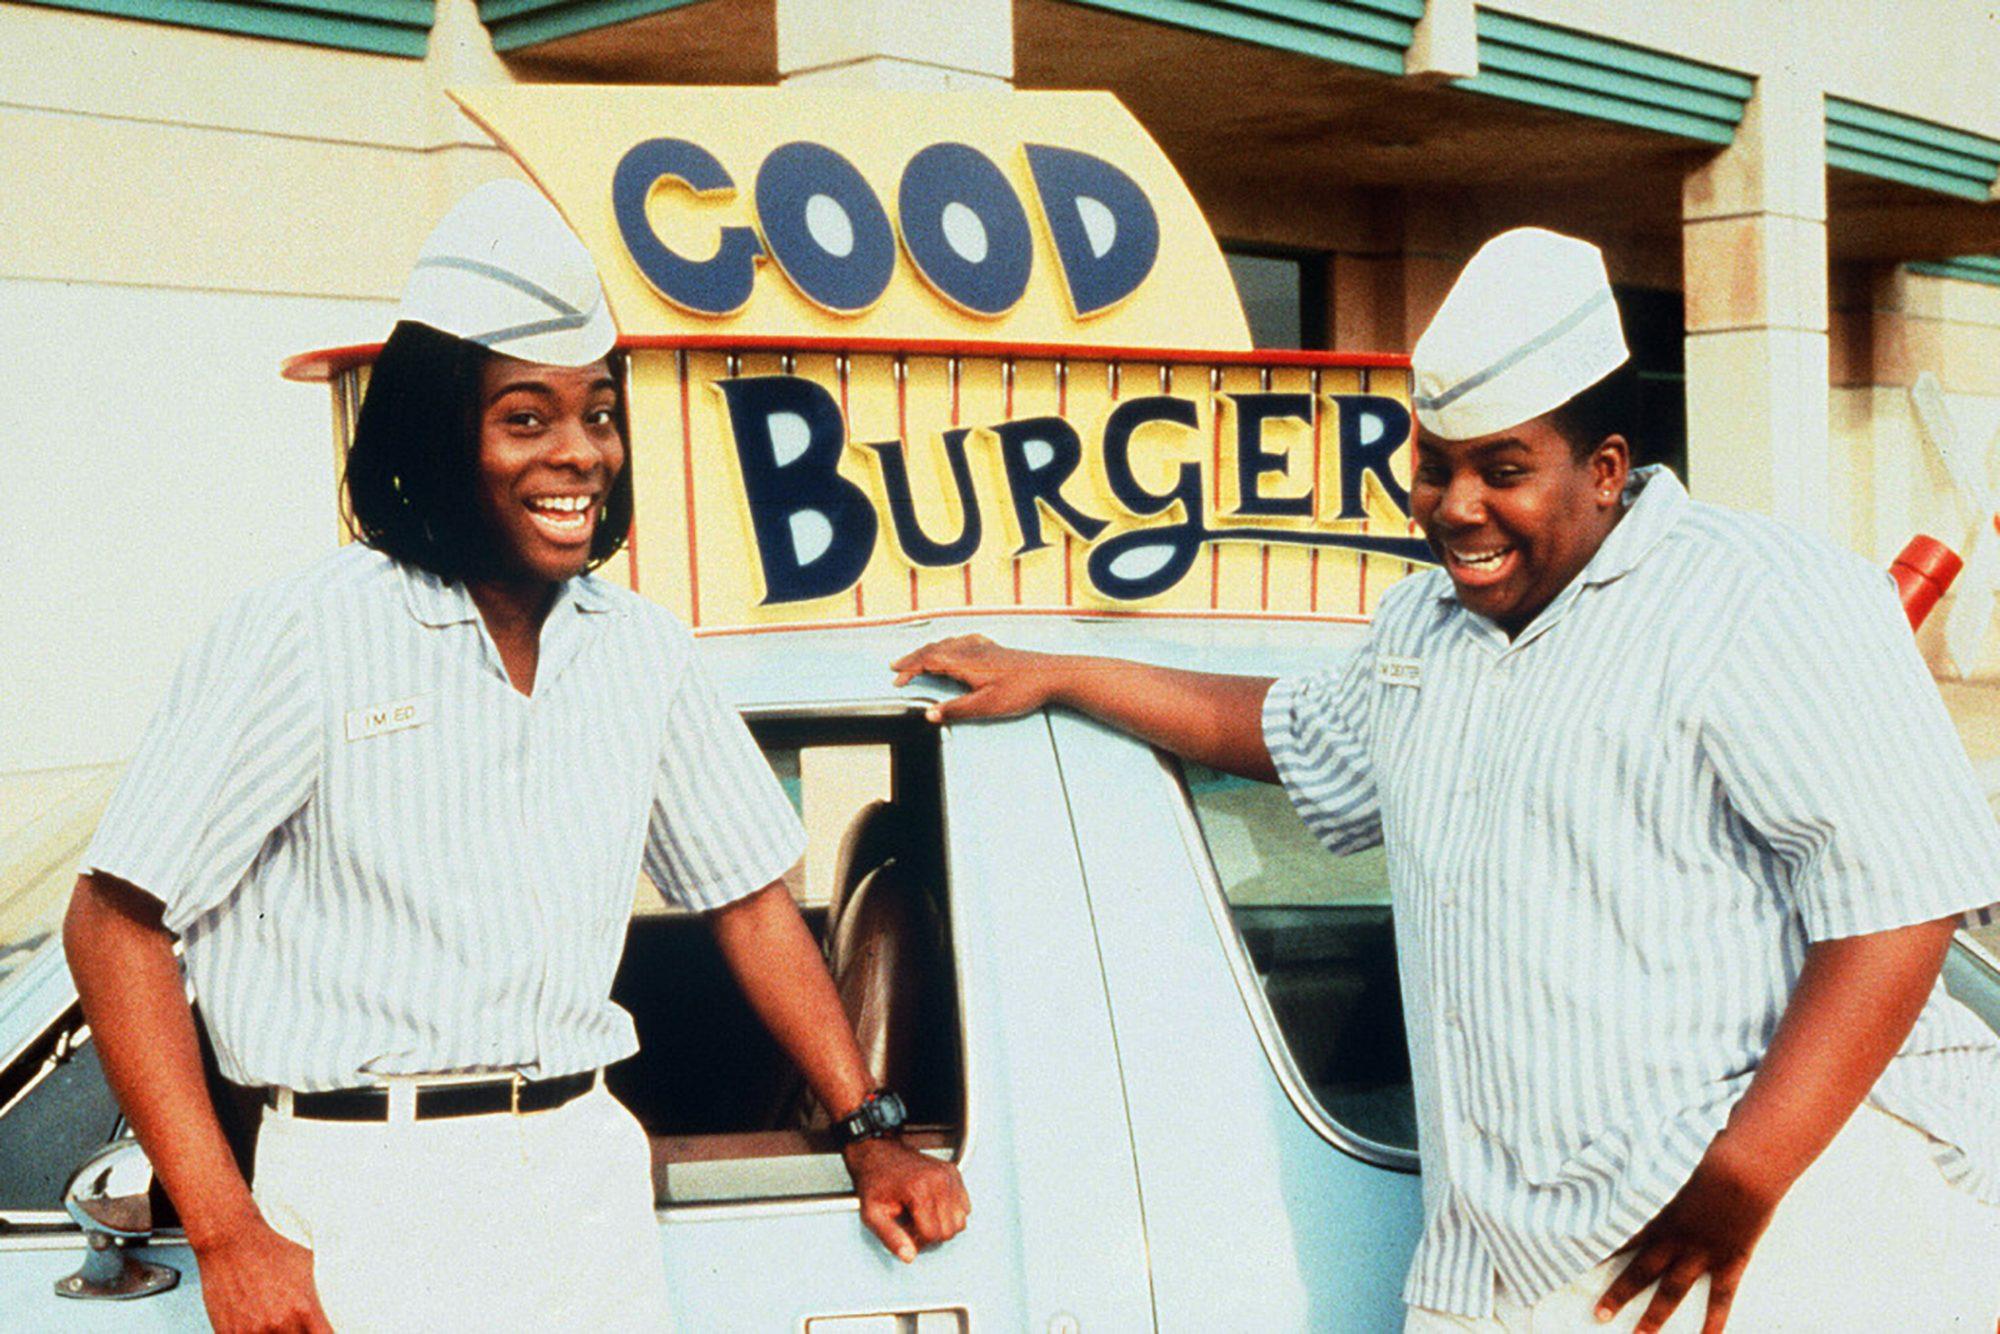 Kel Mitchell, Kenan Thompson Good Burger